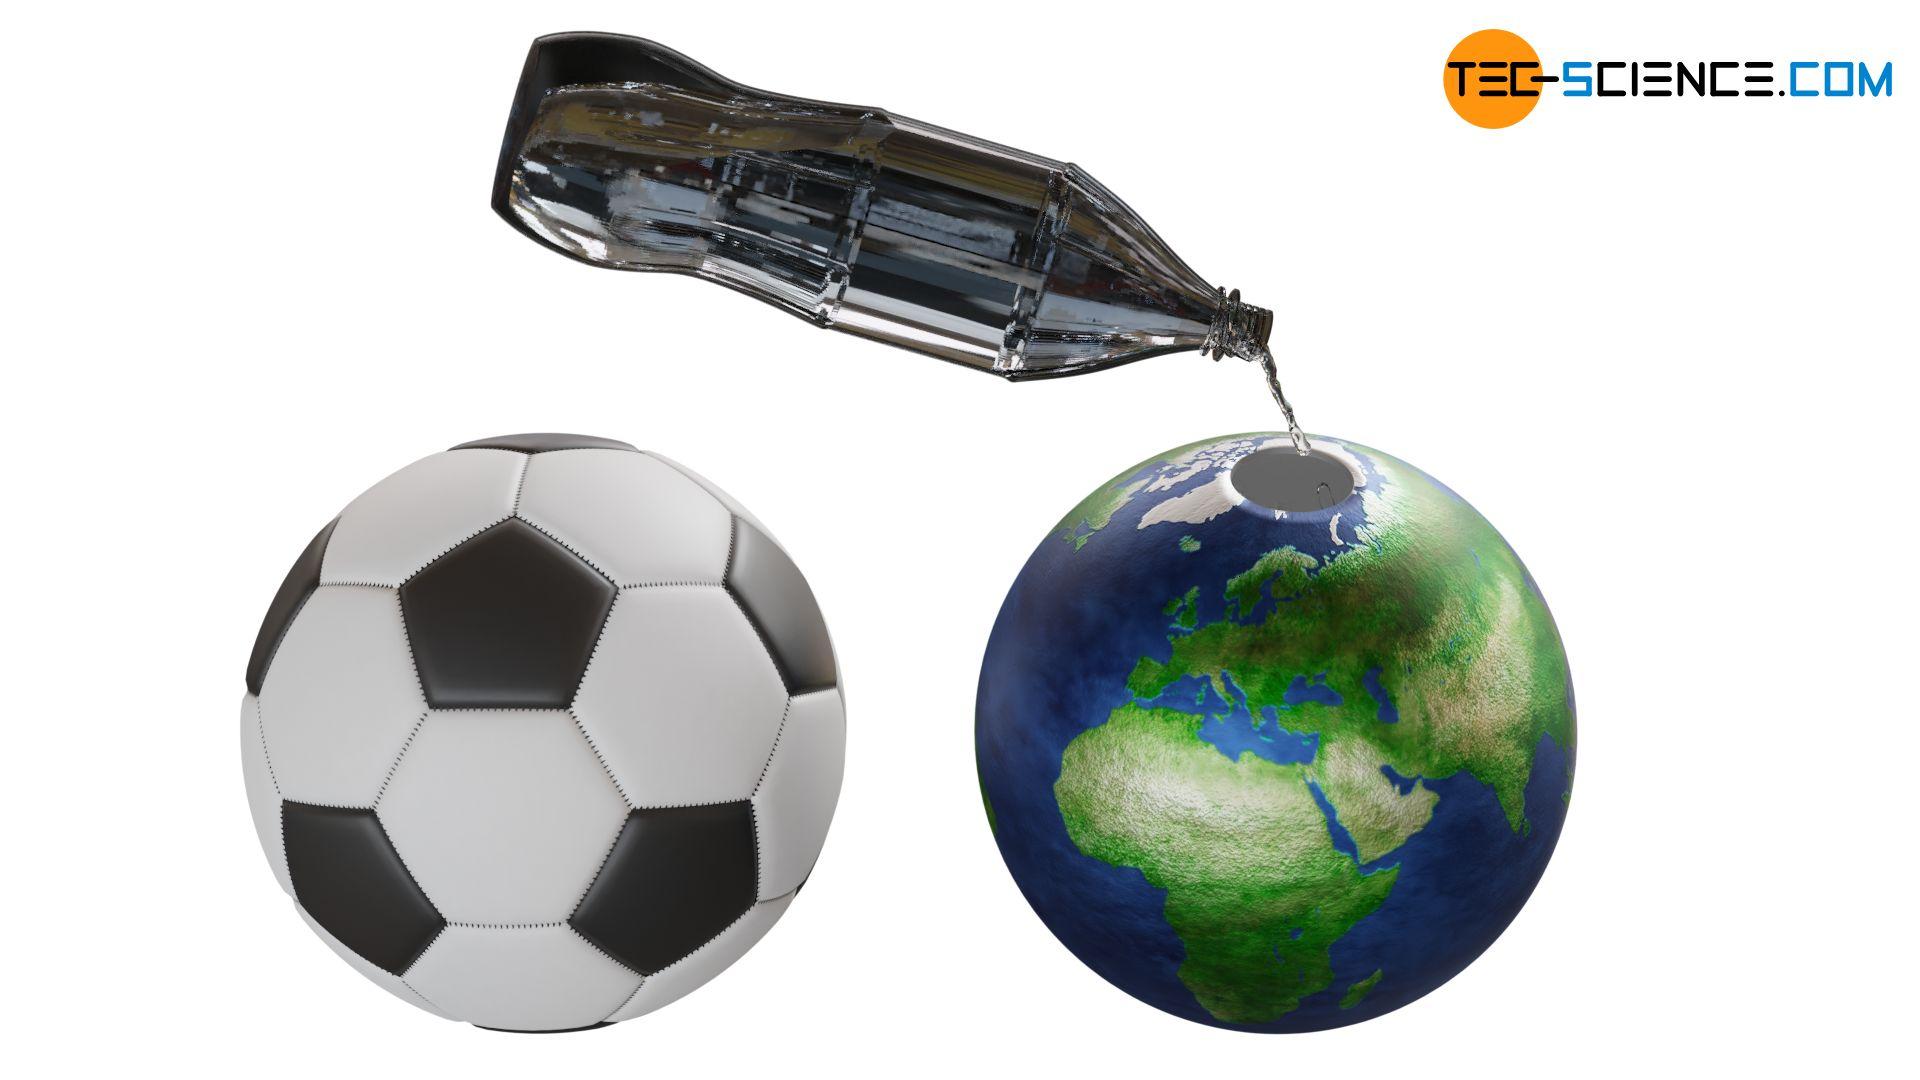 Illustrativer Vergleich der Teilchenanzahl in einem Fußball